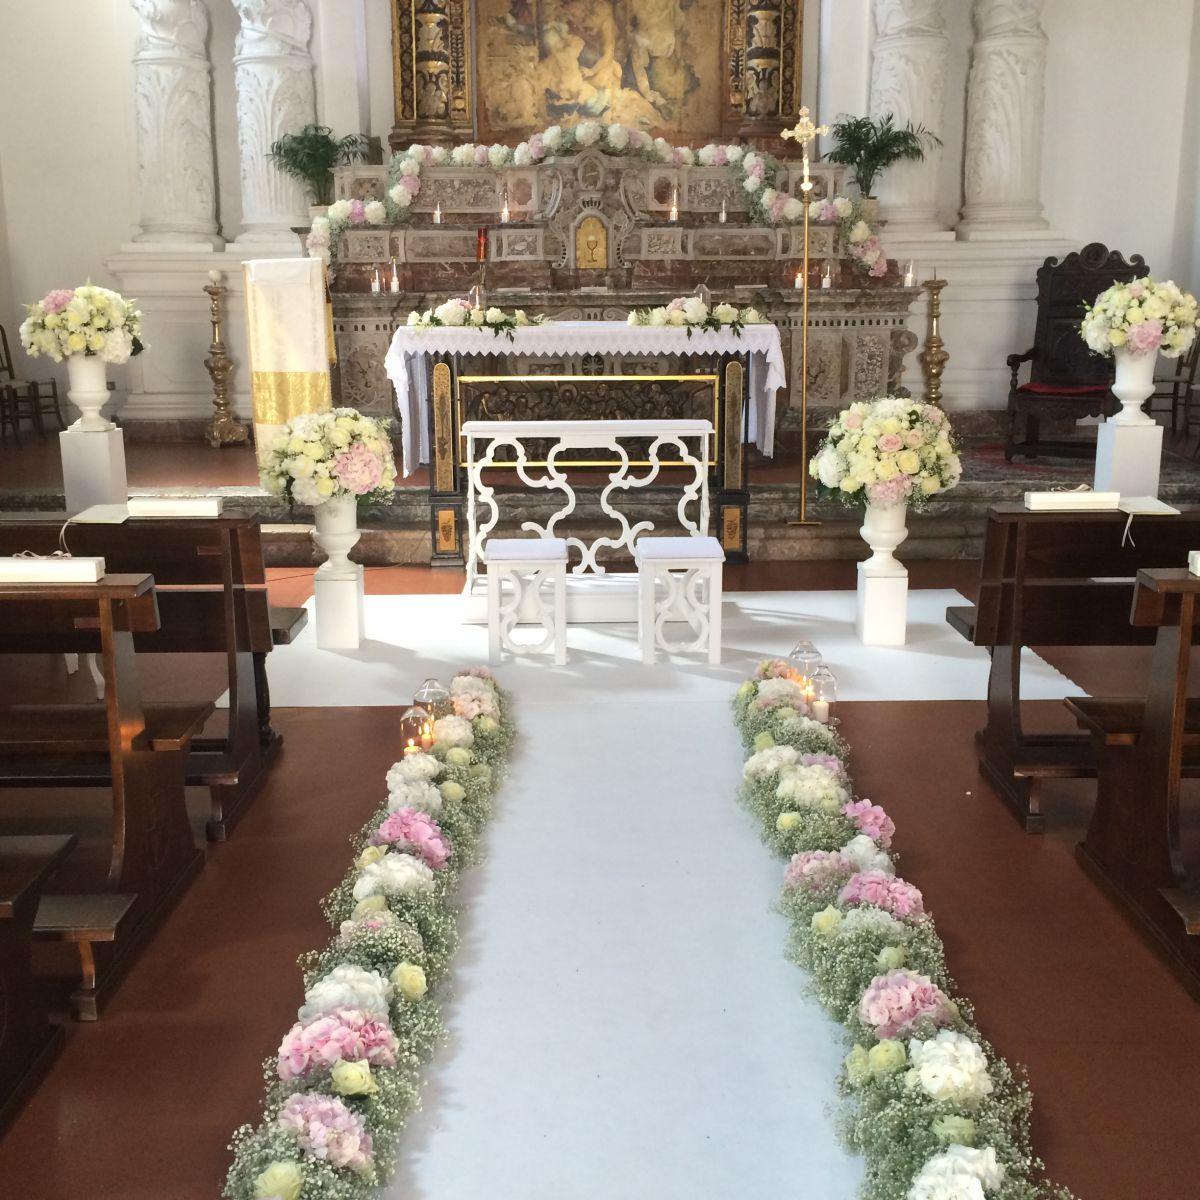 L'altare della chiesa di Santa Caterina a Taormina allestito da Fiorelli Wedding